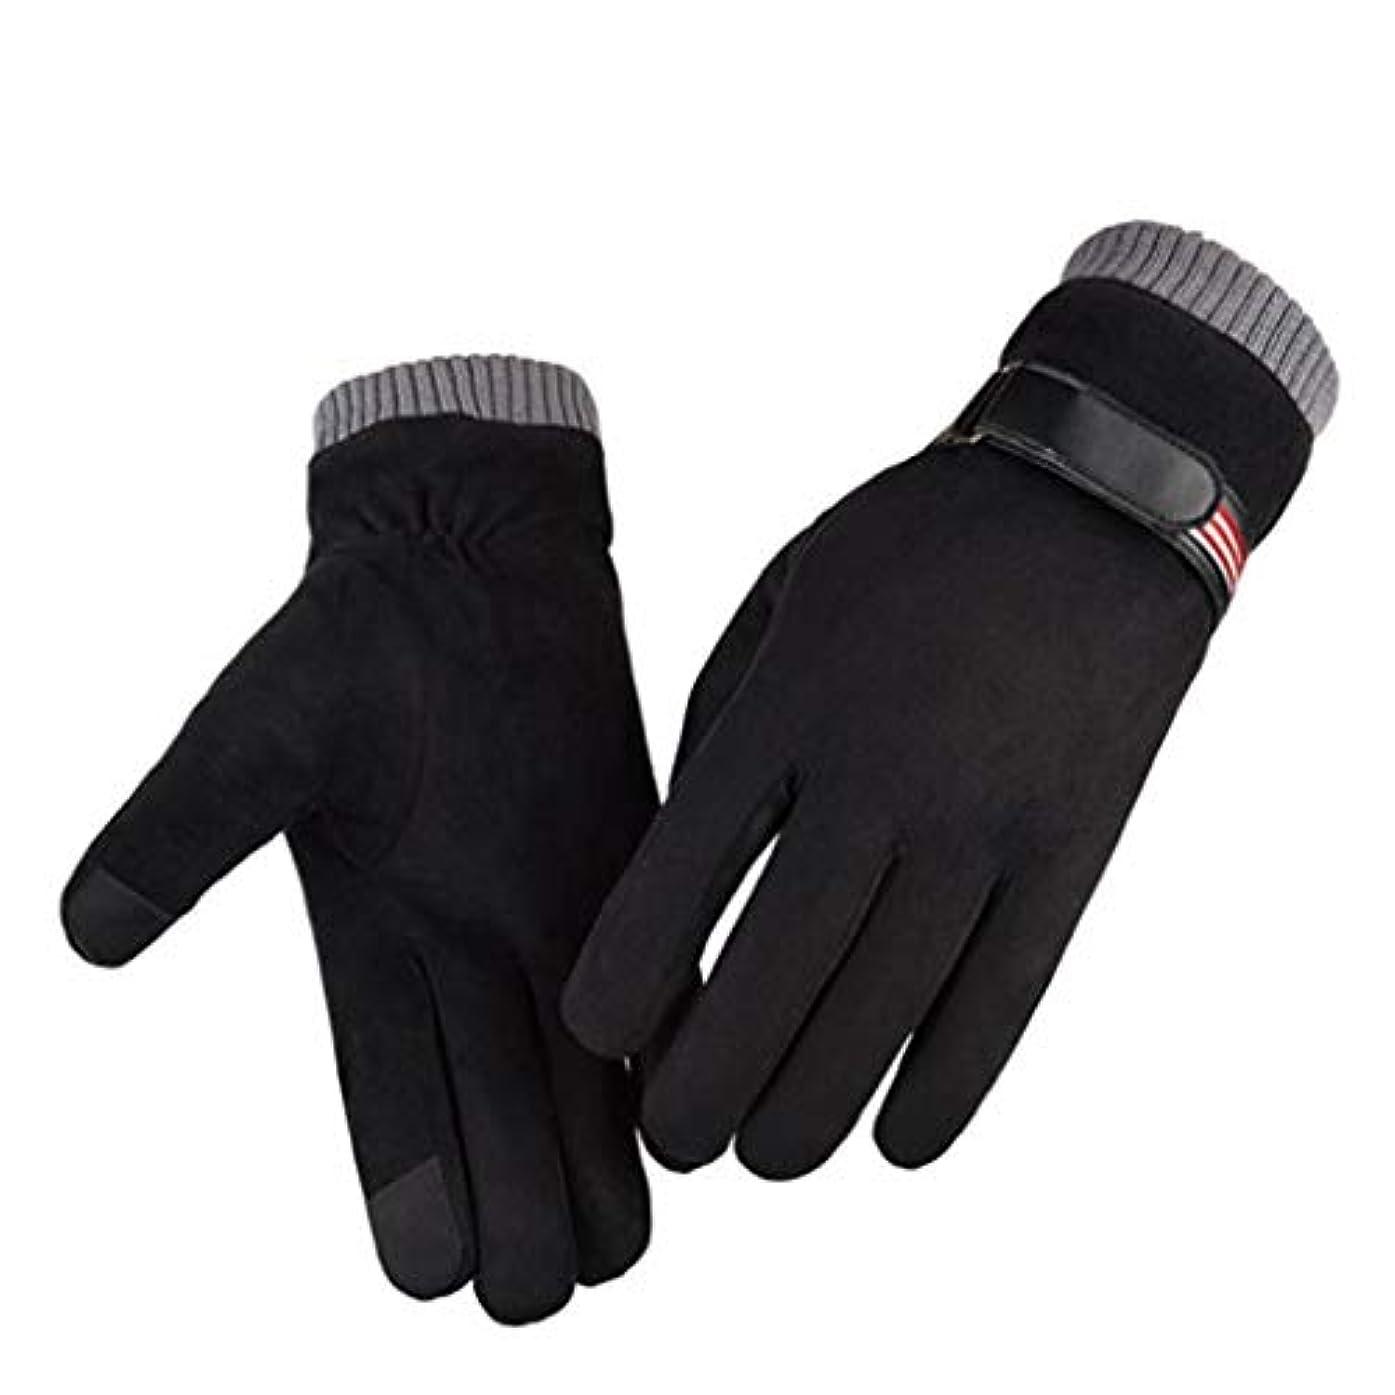 取得する重くするベアリングサークル革手袋男性の秋と冬のファッションプラスベルベット厚い暖かい防風コールドライドアンチスキッドタッチスクリーンスエード手袋の男性